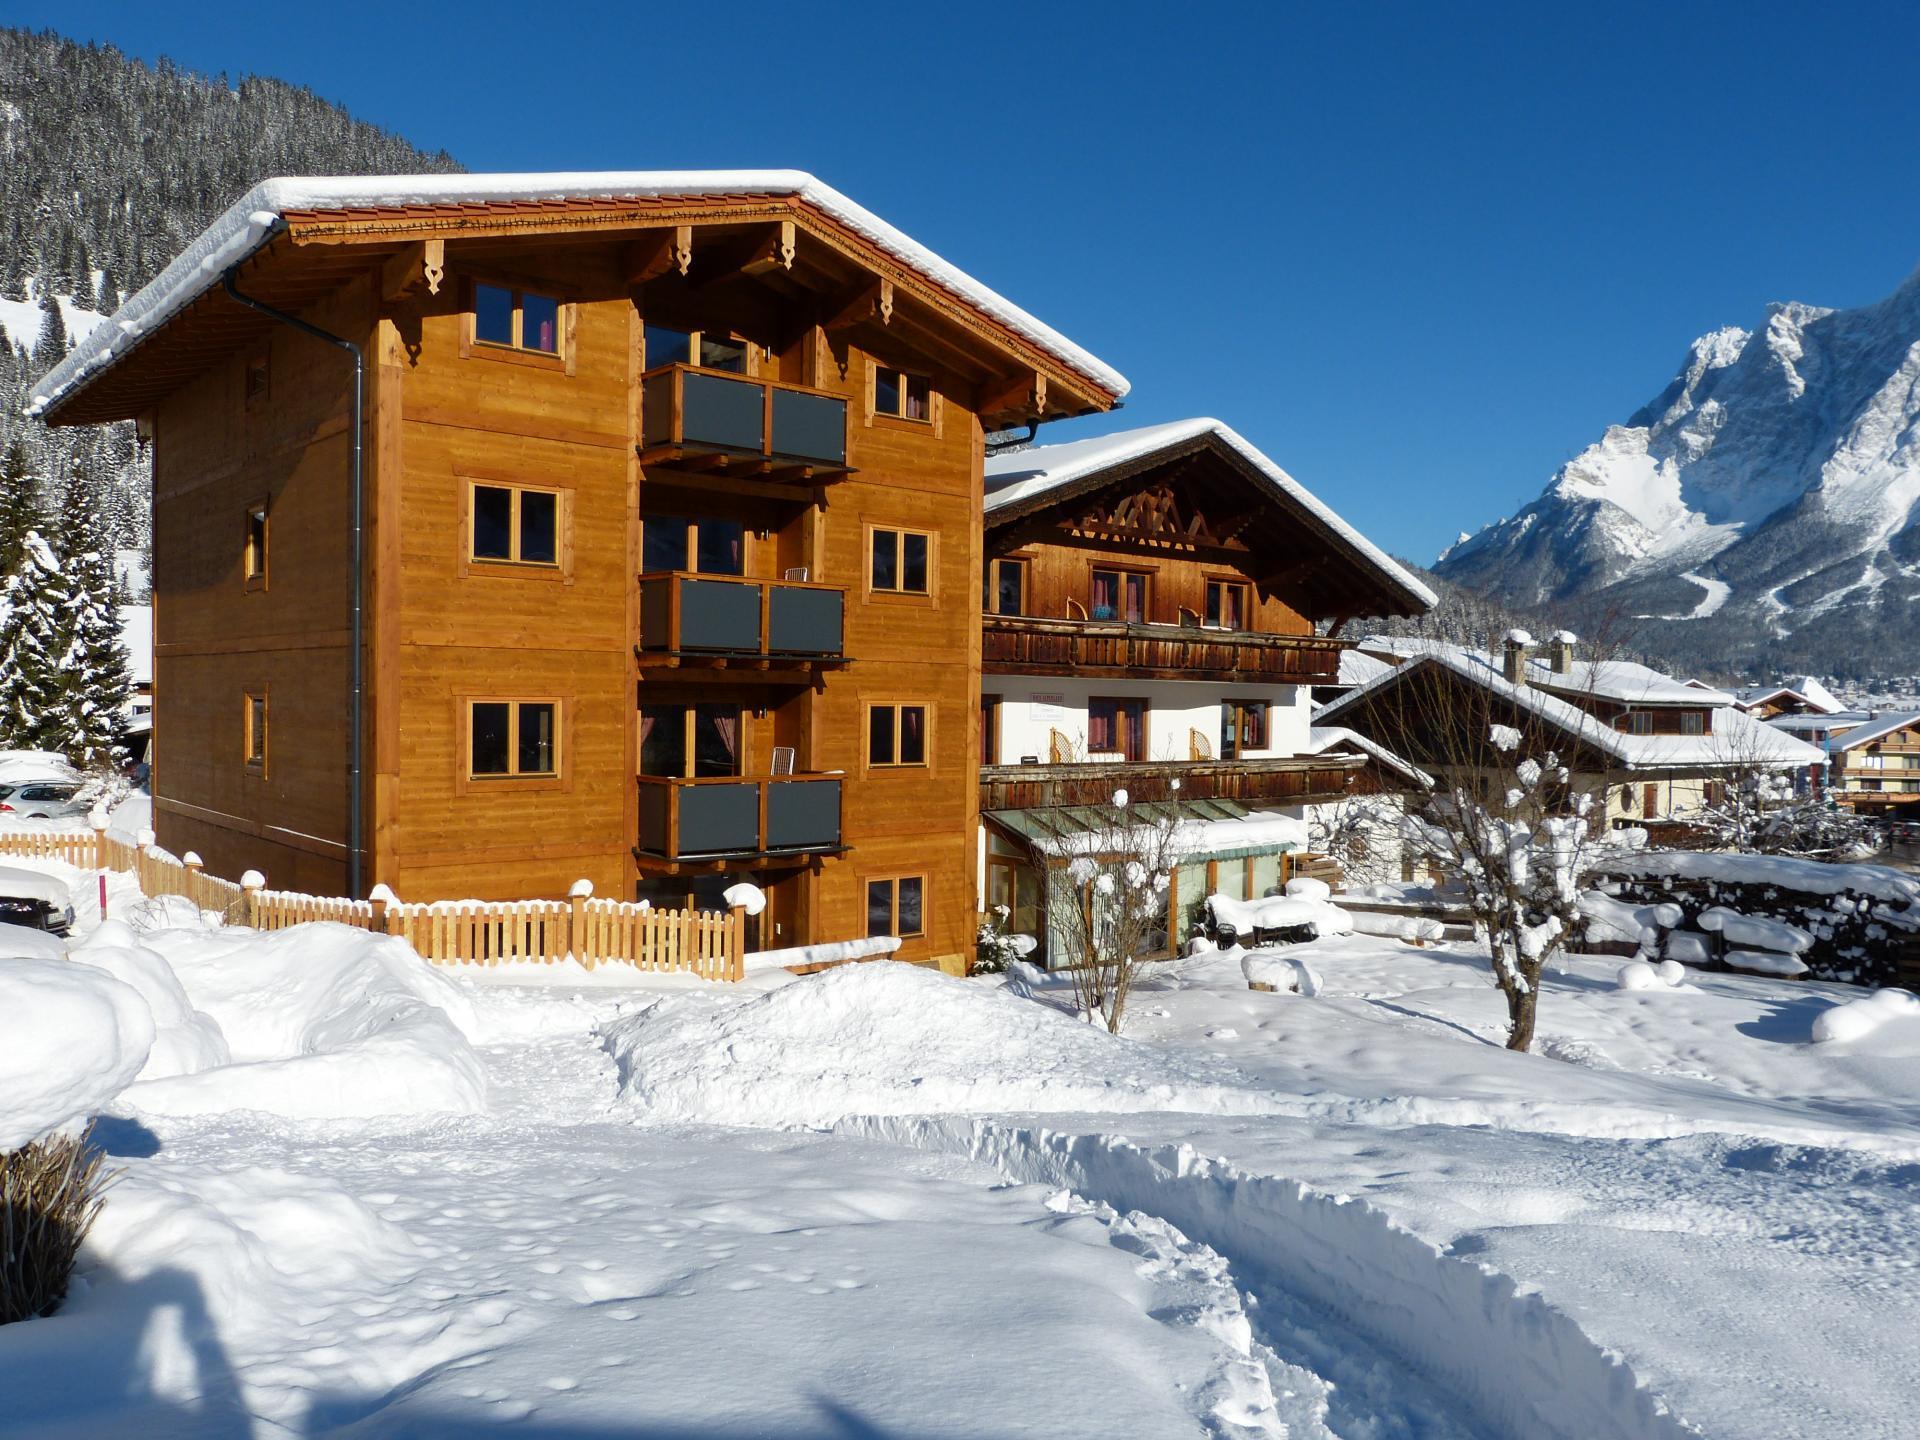 Appartement Alpenland #Willkommen#Wohneinheiten#Buchen#Bildergalerie